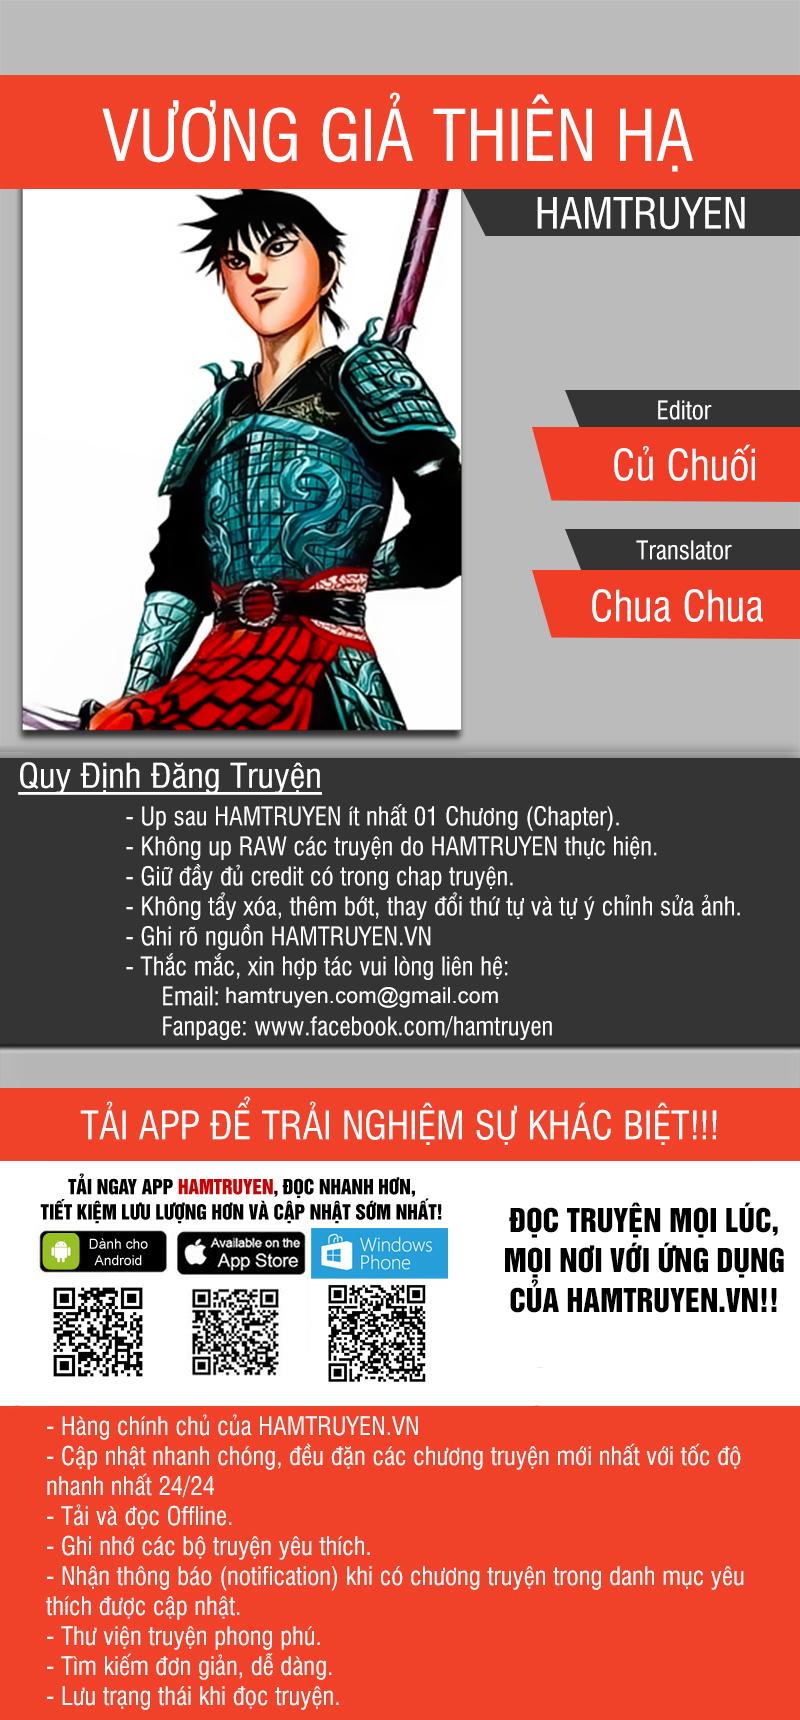 Kingdom - Vương Giả Thiên Hạ (HT) Chapter 510 - Hamtruyen.vn